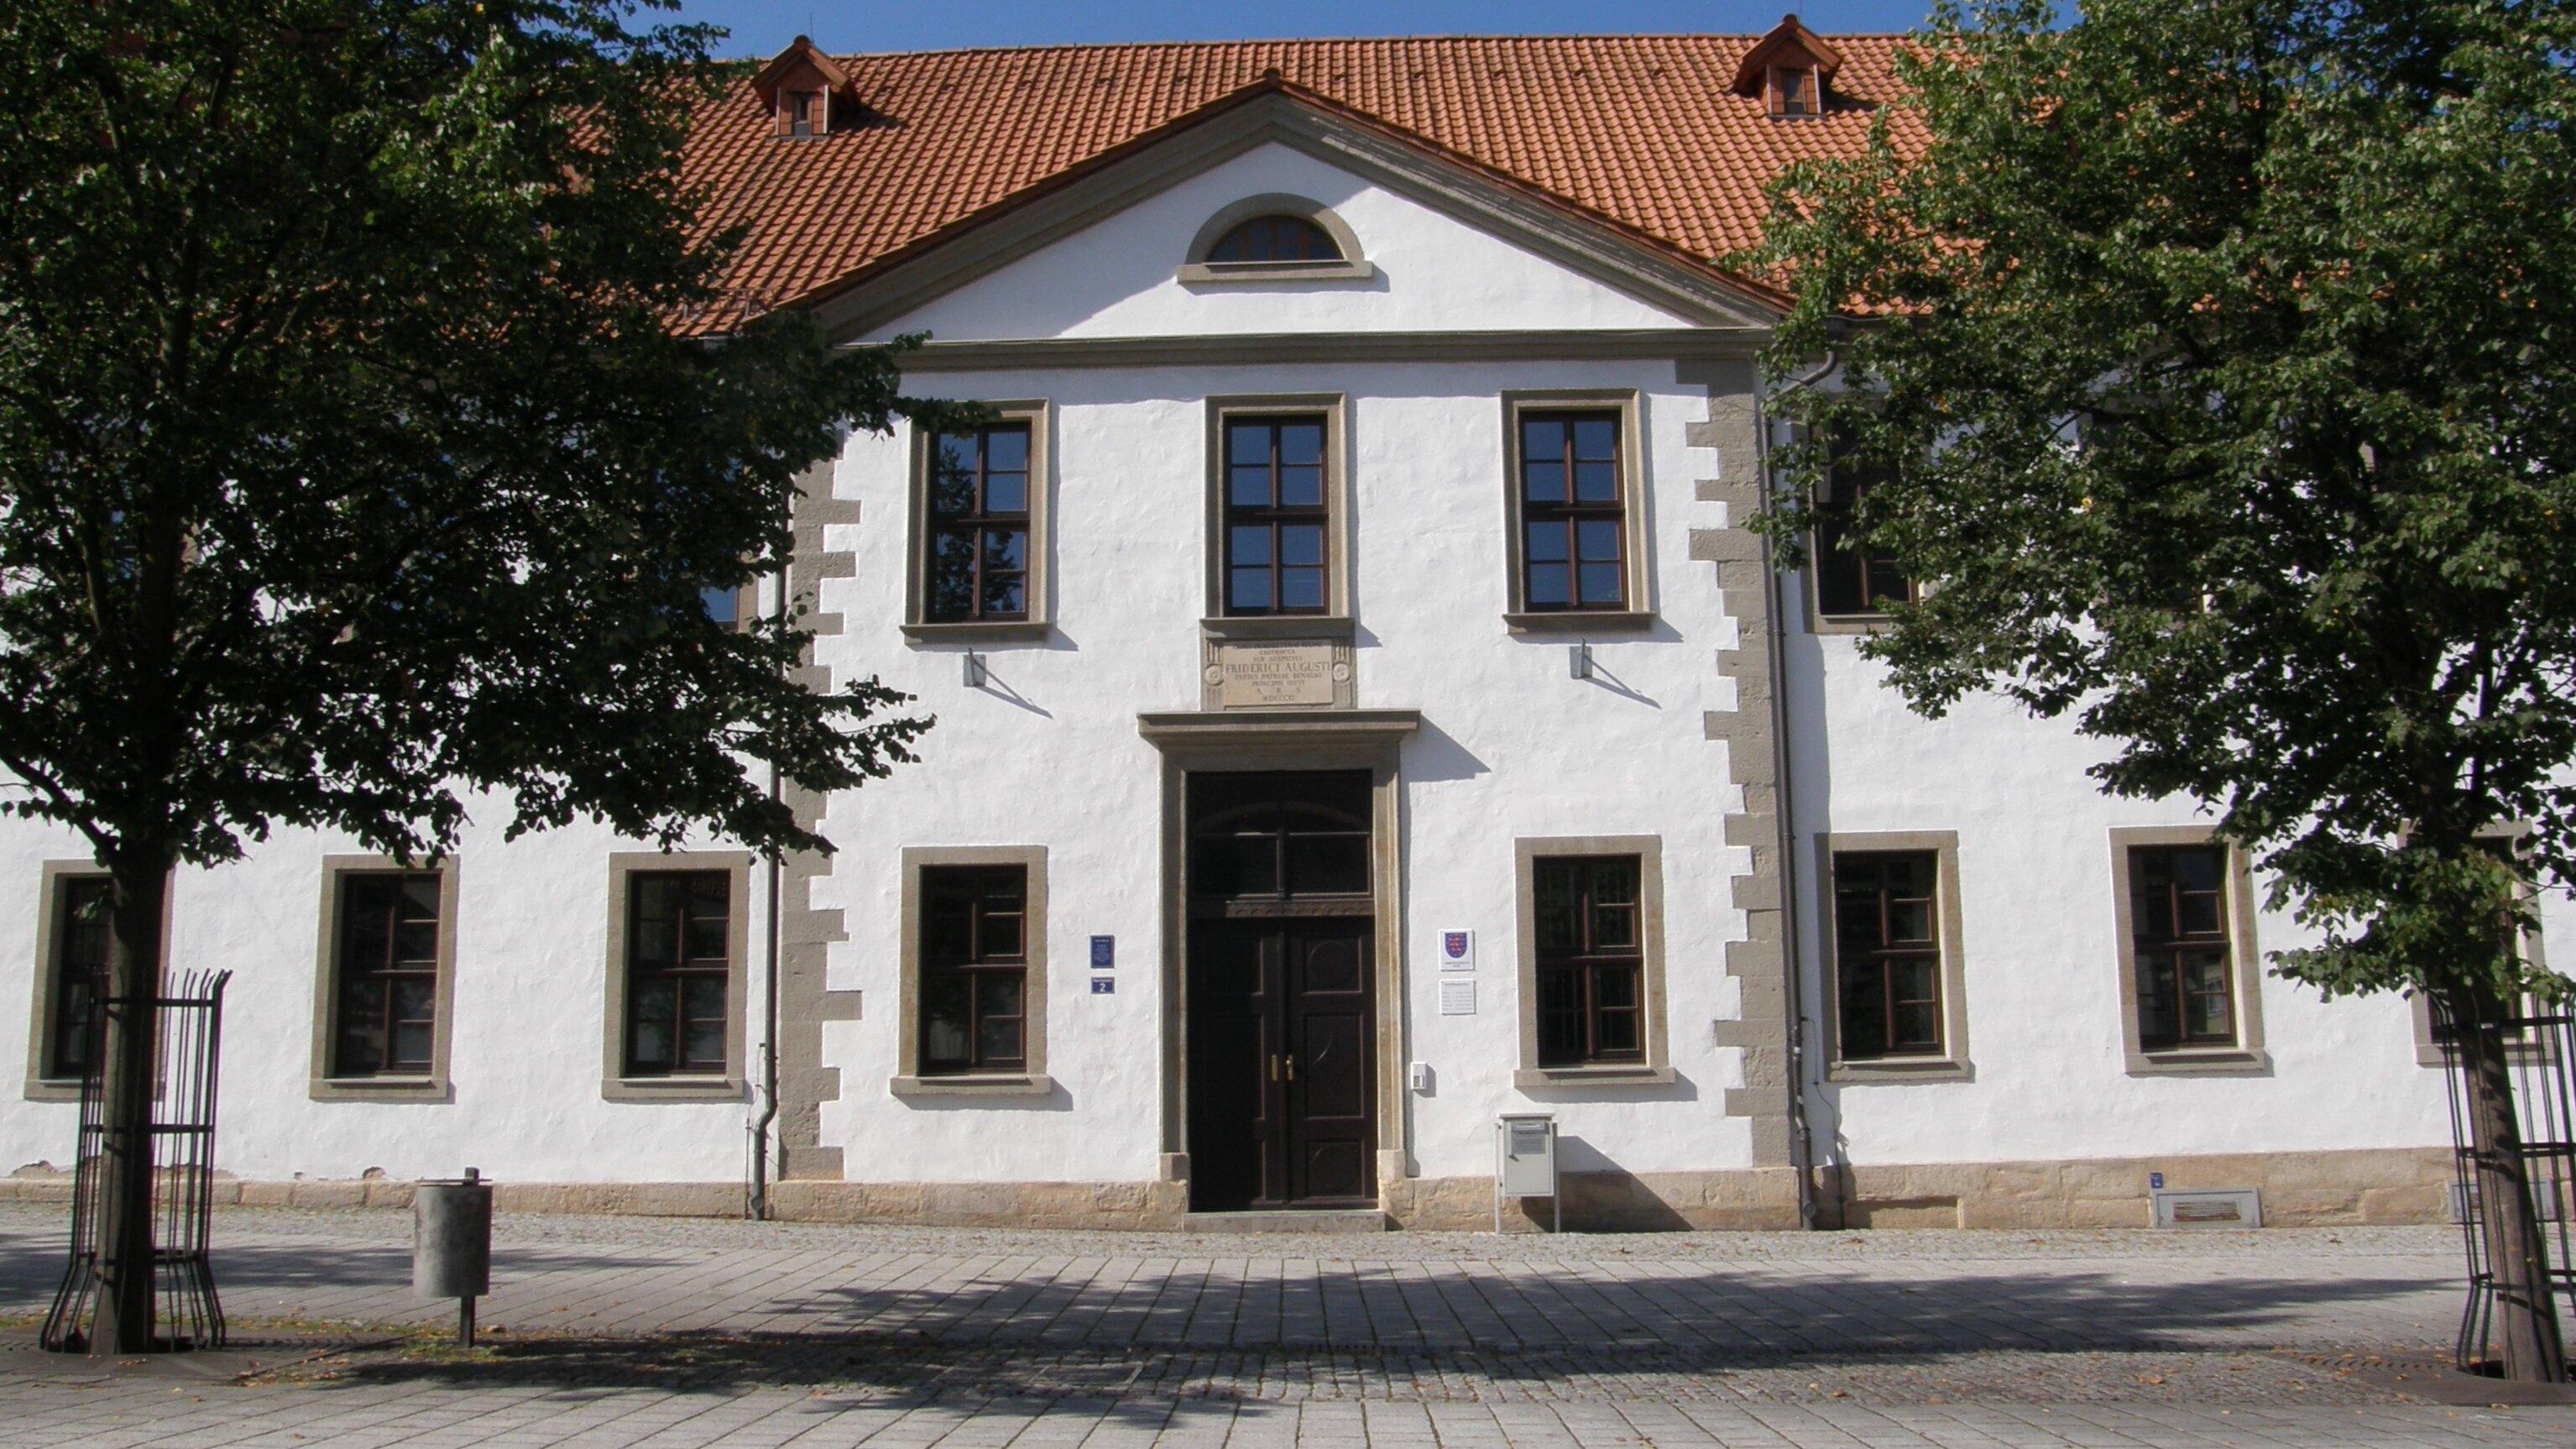 [Bild] Gebäudeansicht Arbeitsgericht Suhl